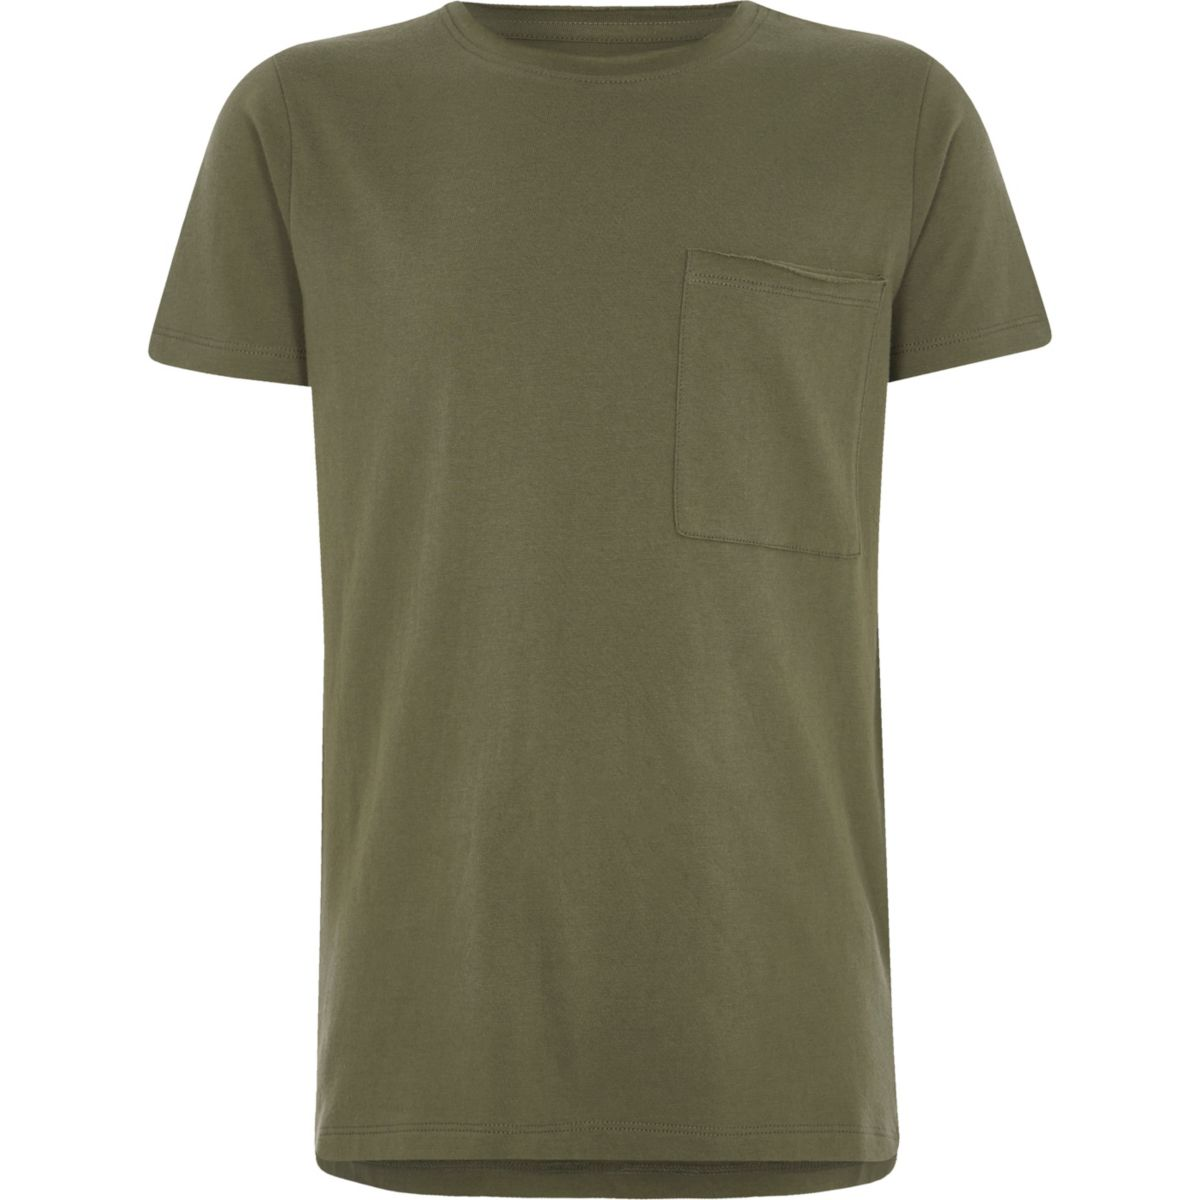 Boys khaki green pocket crew neck T-shirt